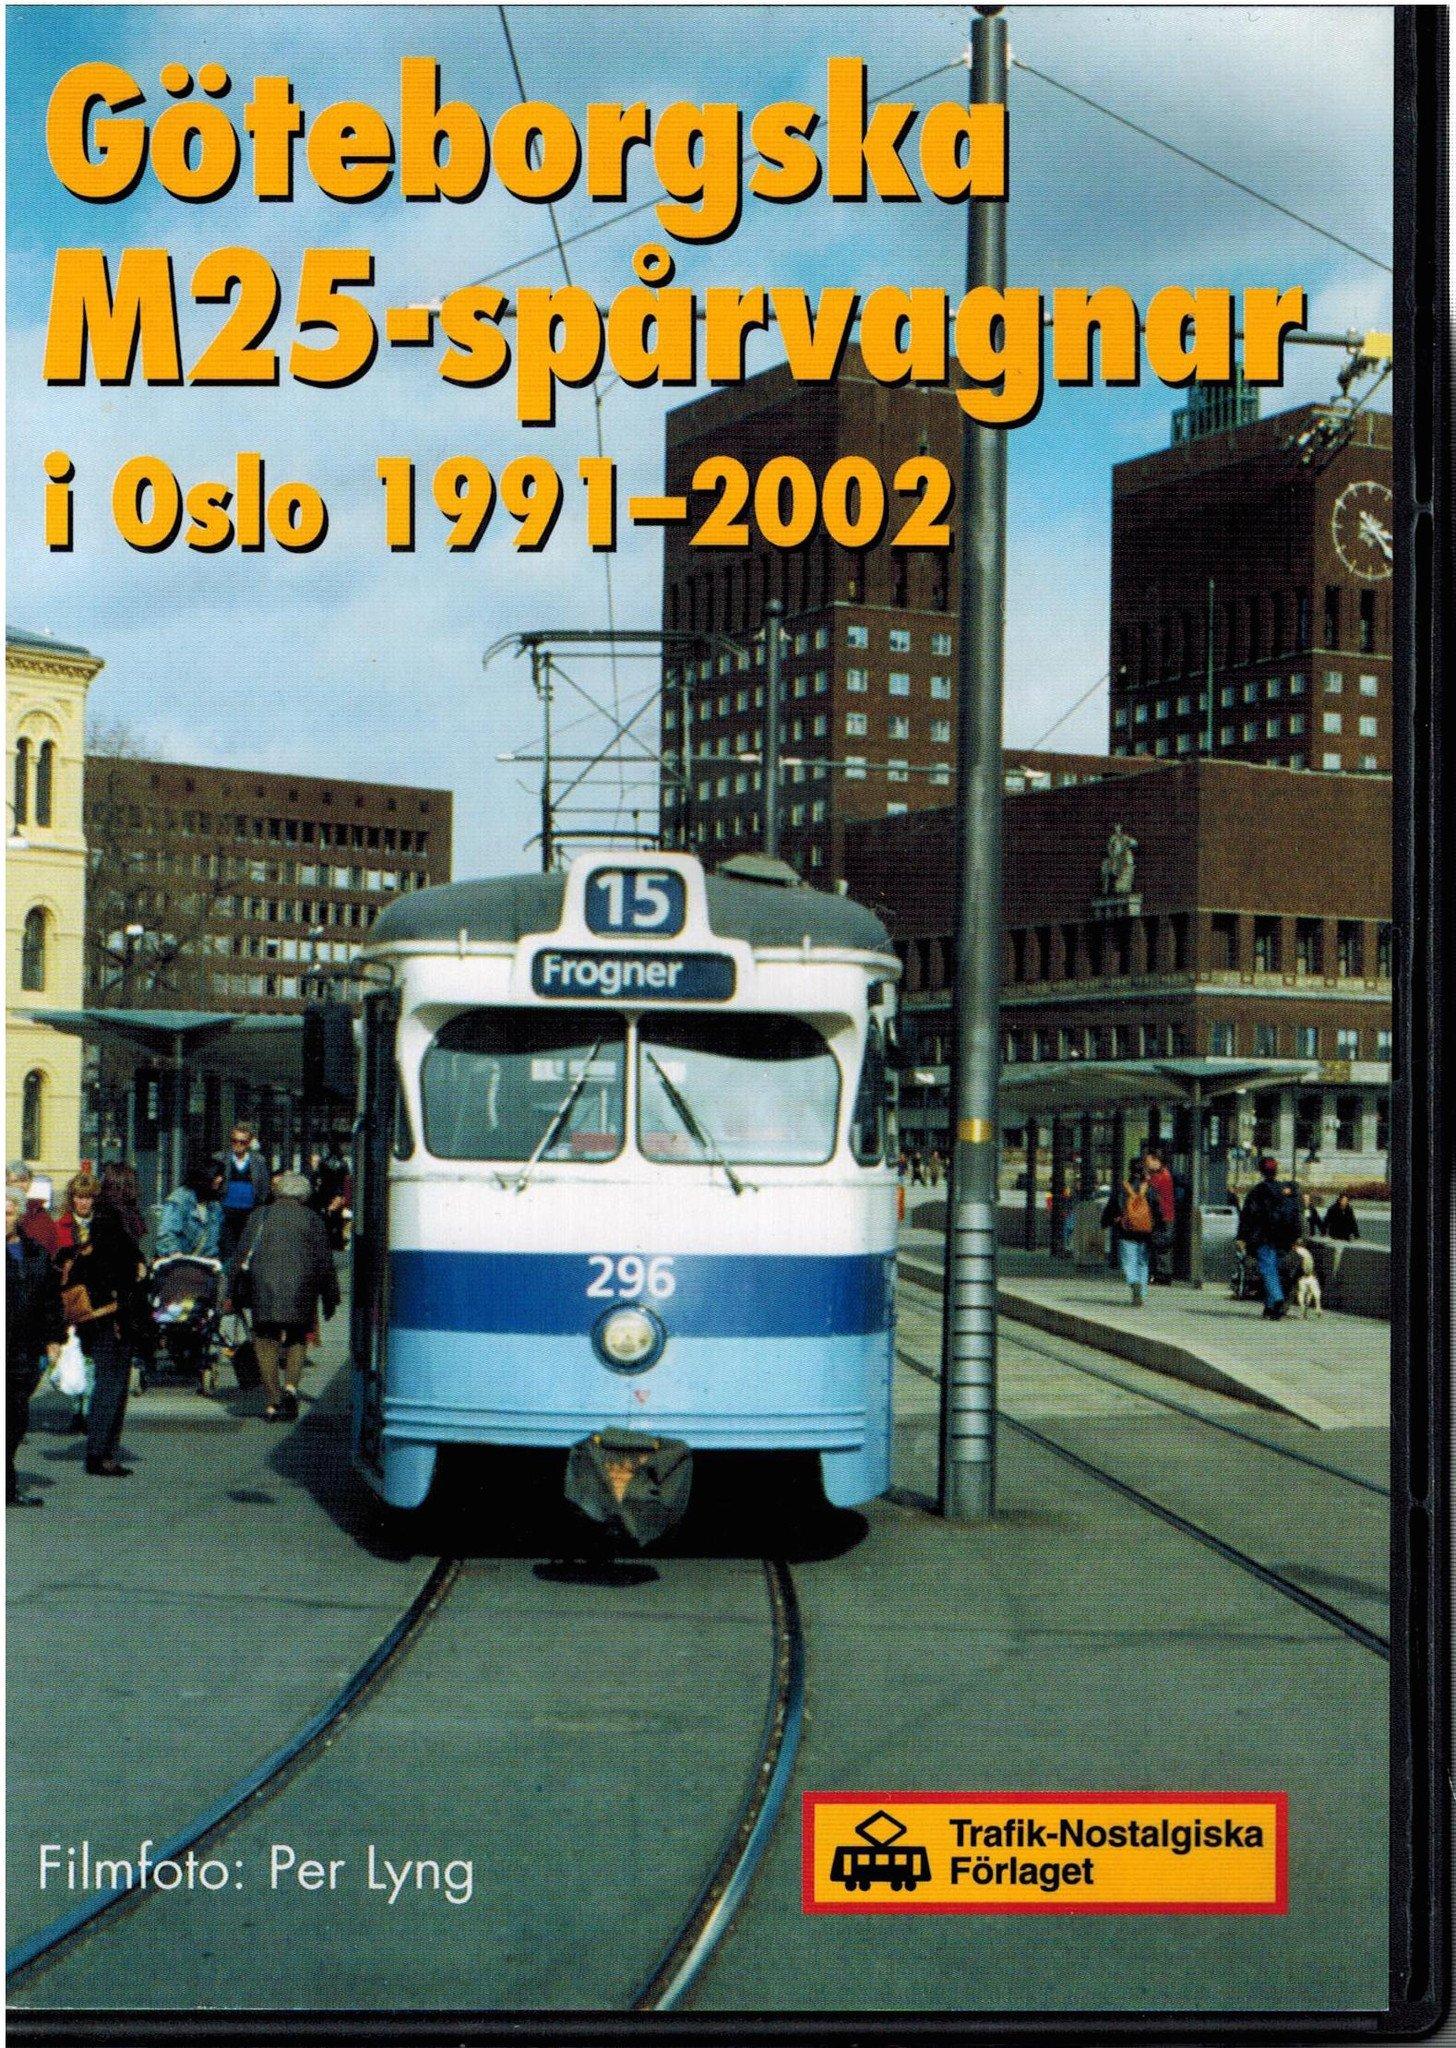 Göteborgska M25-spårvagnar i Oslo 1991-2002